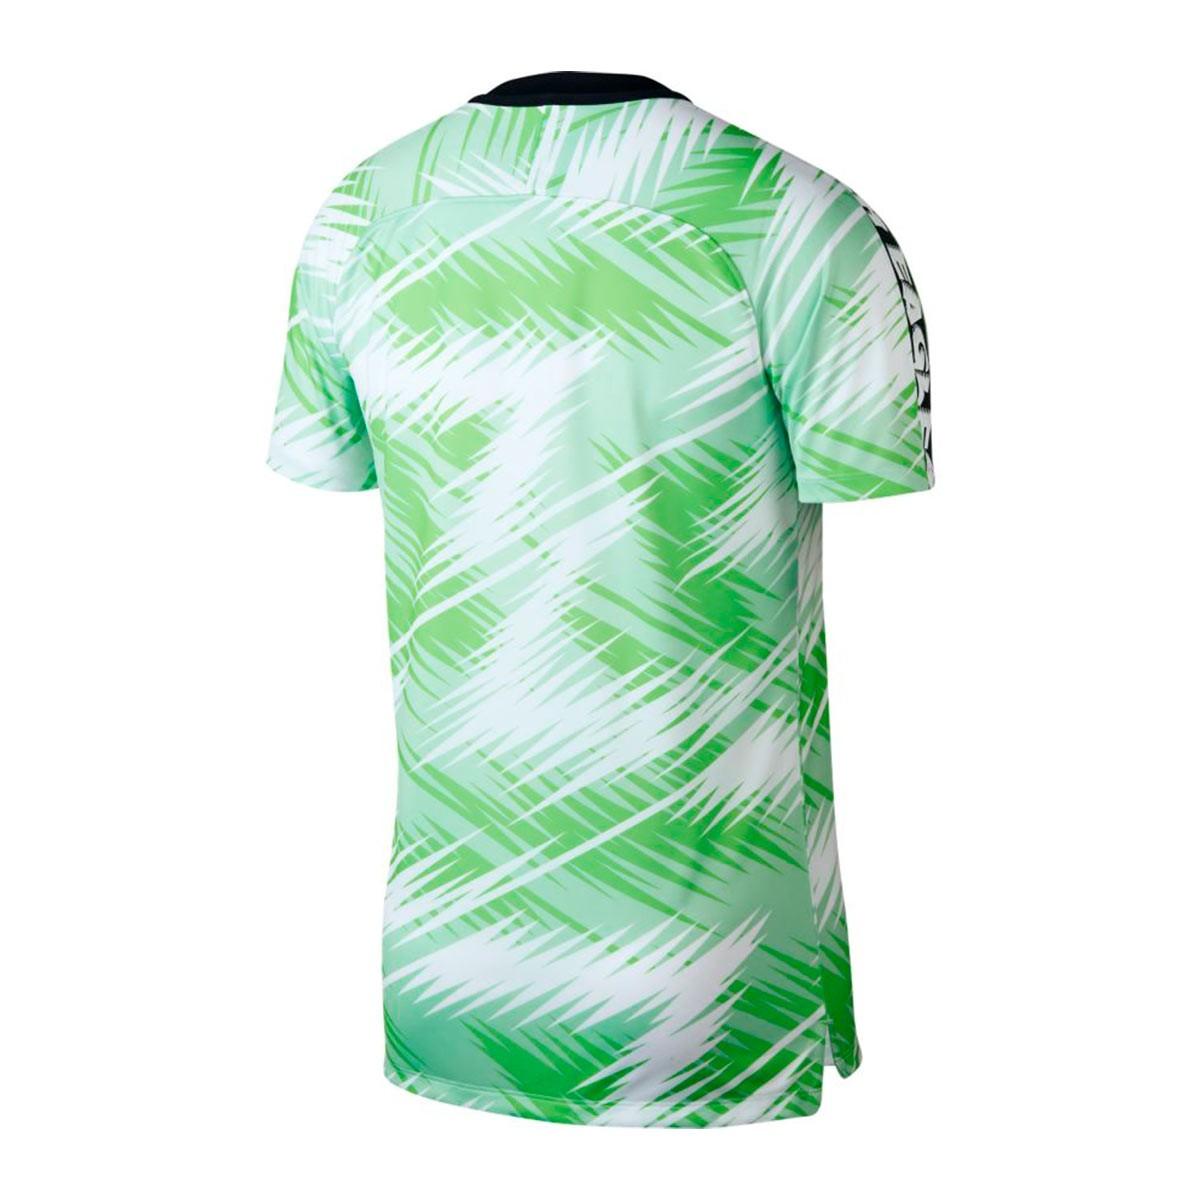 83c47d51149 Camiseta Nigeria Dry Squad GX 2018-2019 White-Black